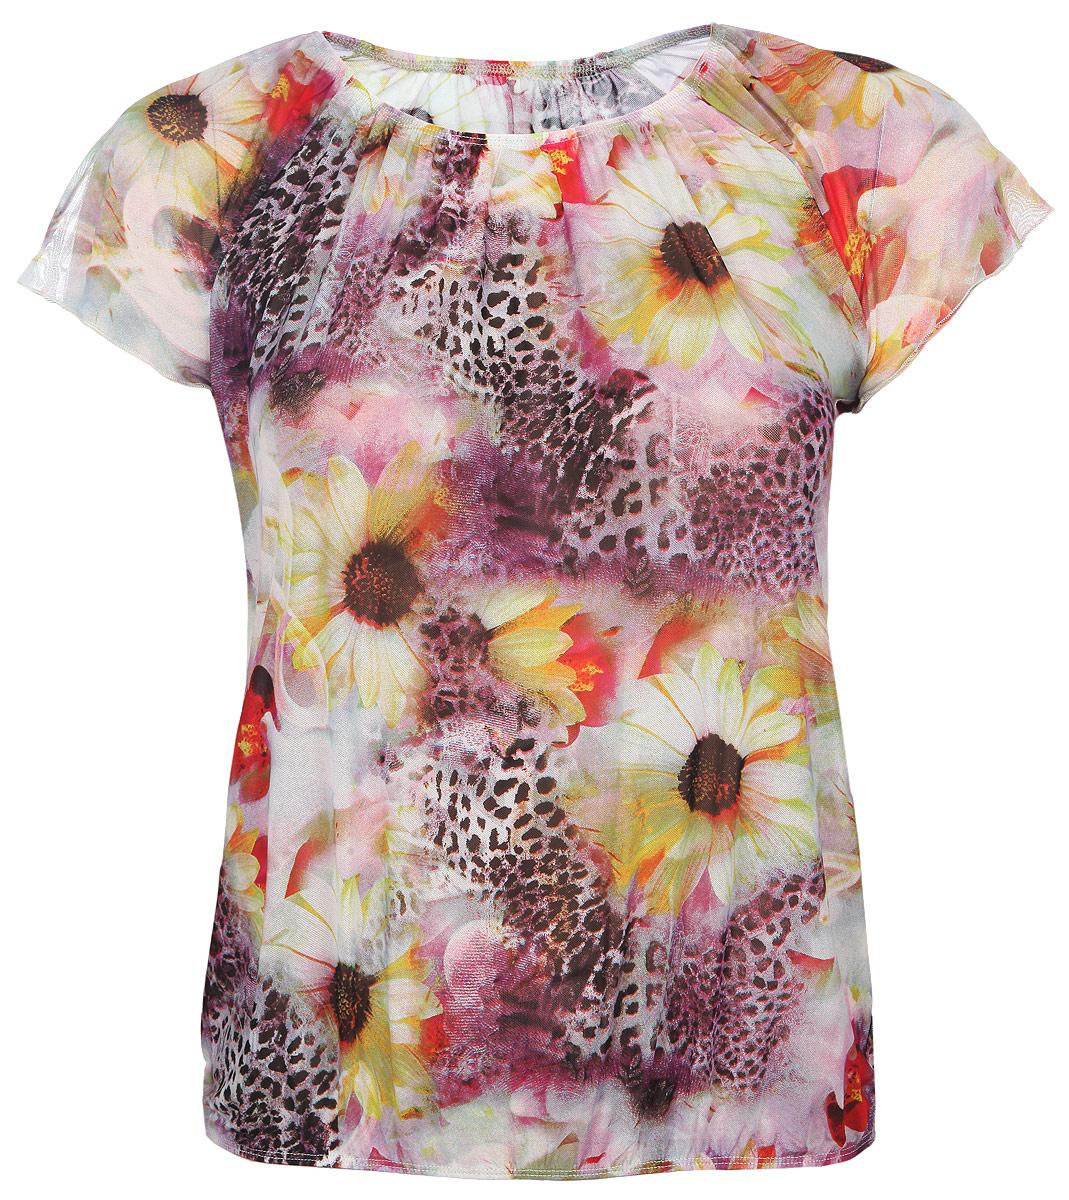 Блузка женская. 754м754мБлузка Milana Style, выполненная из полупрозрачной эластичной ткани, прекрасно дополнит ваш образ. Материал изделия легкий, мягкий и приятный на ощупь, не сковывает движения и хорошо вентилируется, обеспечивая комфорт. Блузка с круглым вырезом горловины и короткими рукавами-реглан оформлена оригинальным принтом. Вырез горловины и низ изделия собраны на эластичные резинки, образующие мелкие складки. Такая блузка займет достойное место в вашем гардеробе!